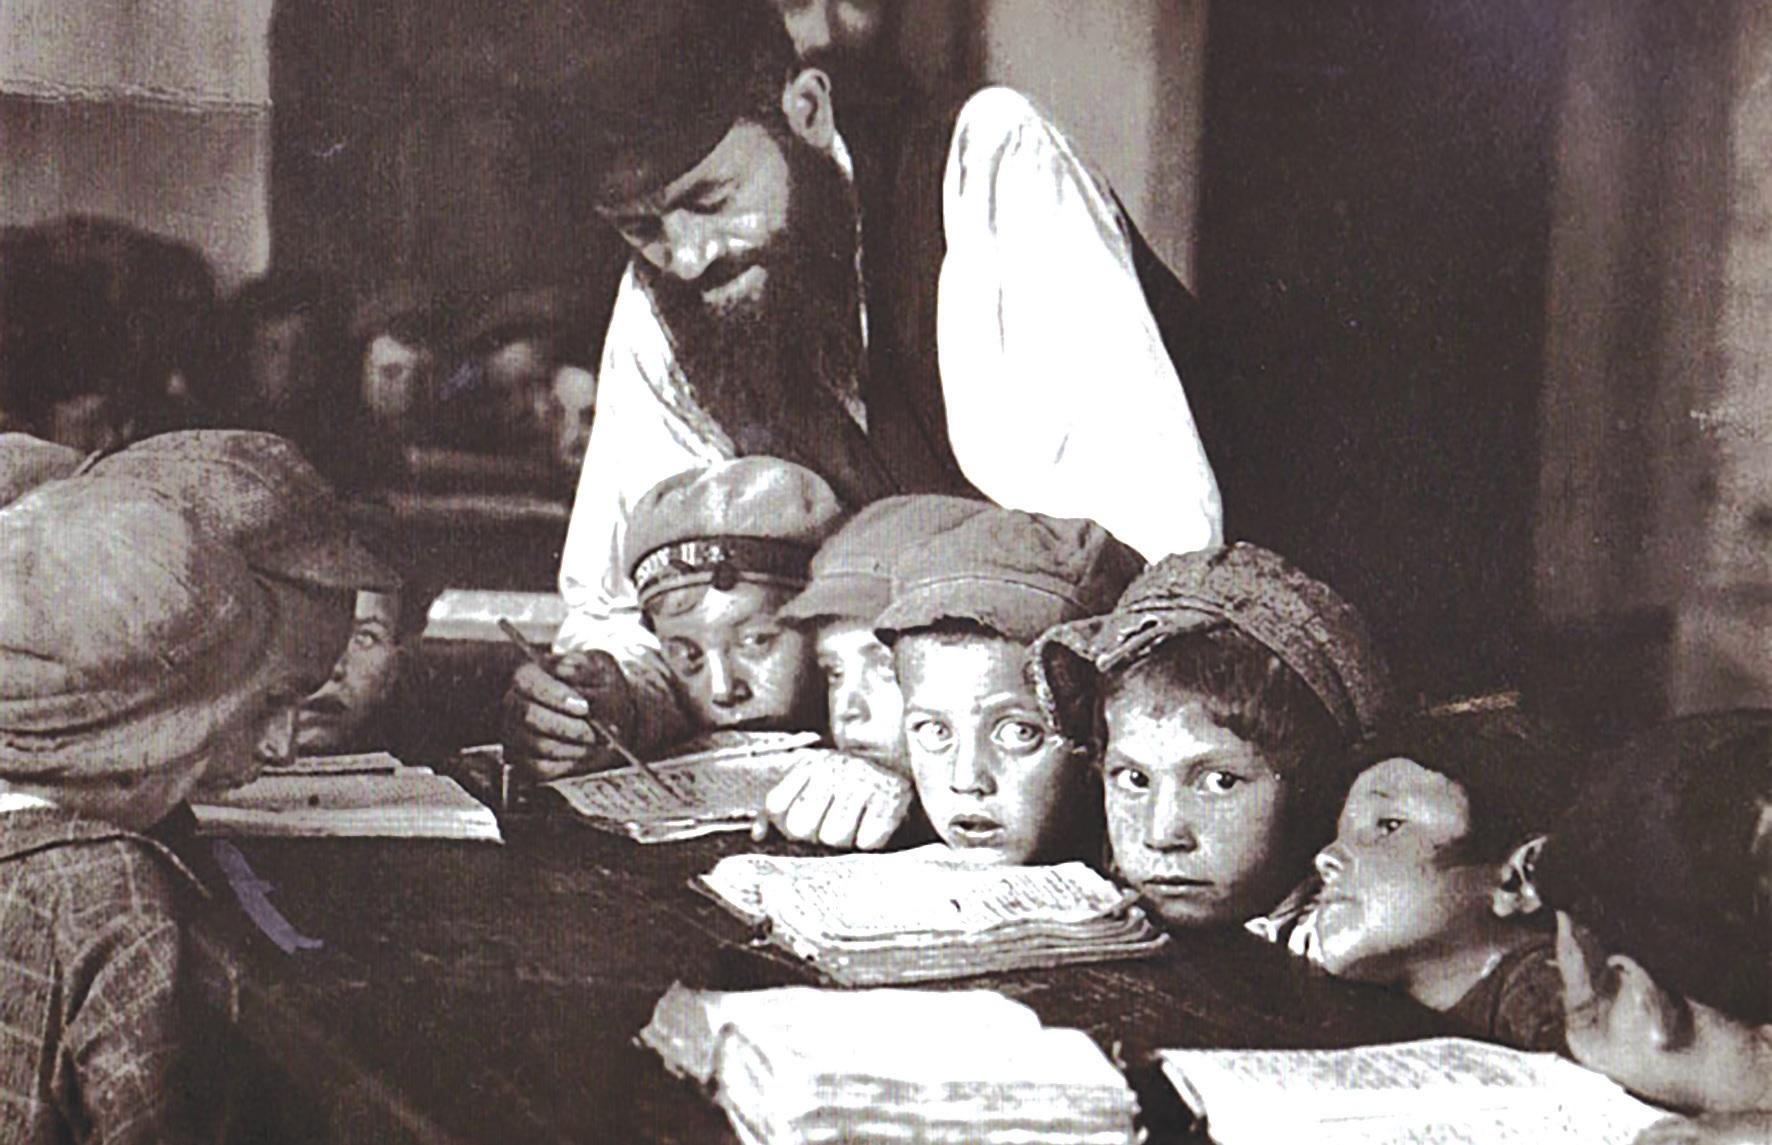 Mokytojas su vaikais chederyje (žydų pradinė mokykla). 1924 m.Fot. Alter Sholem Kacyzne, YIVO instituto fondas